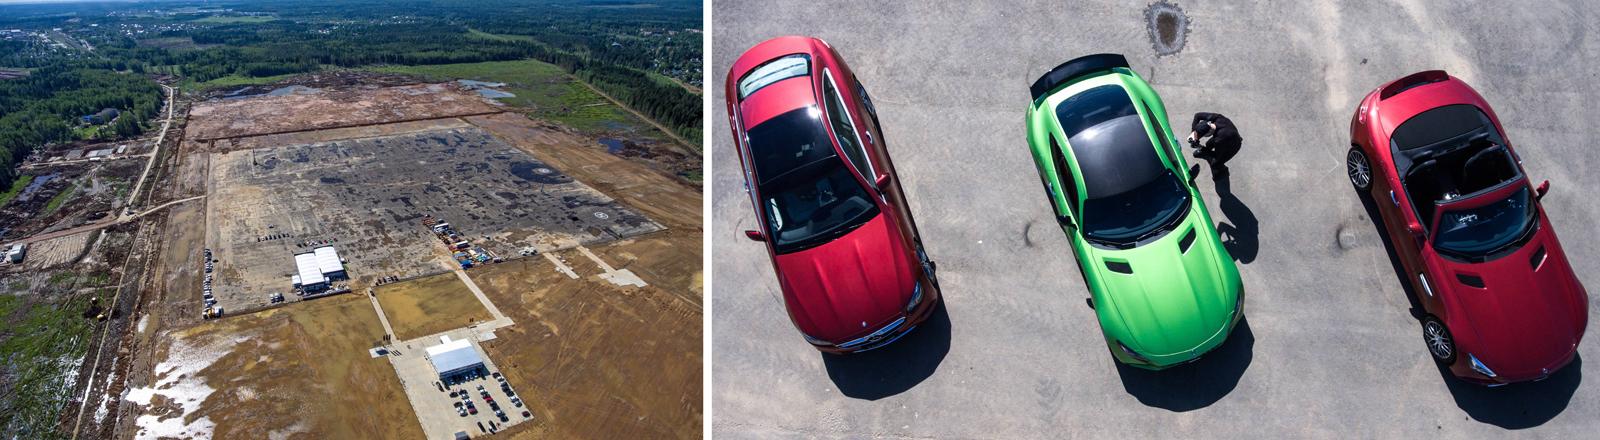 Autos des deutschen Herstellers Mercedes bei einer Präsentation zur Grundsteinlegung des neuen Werks in der Nähe von Moskau